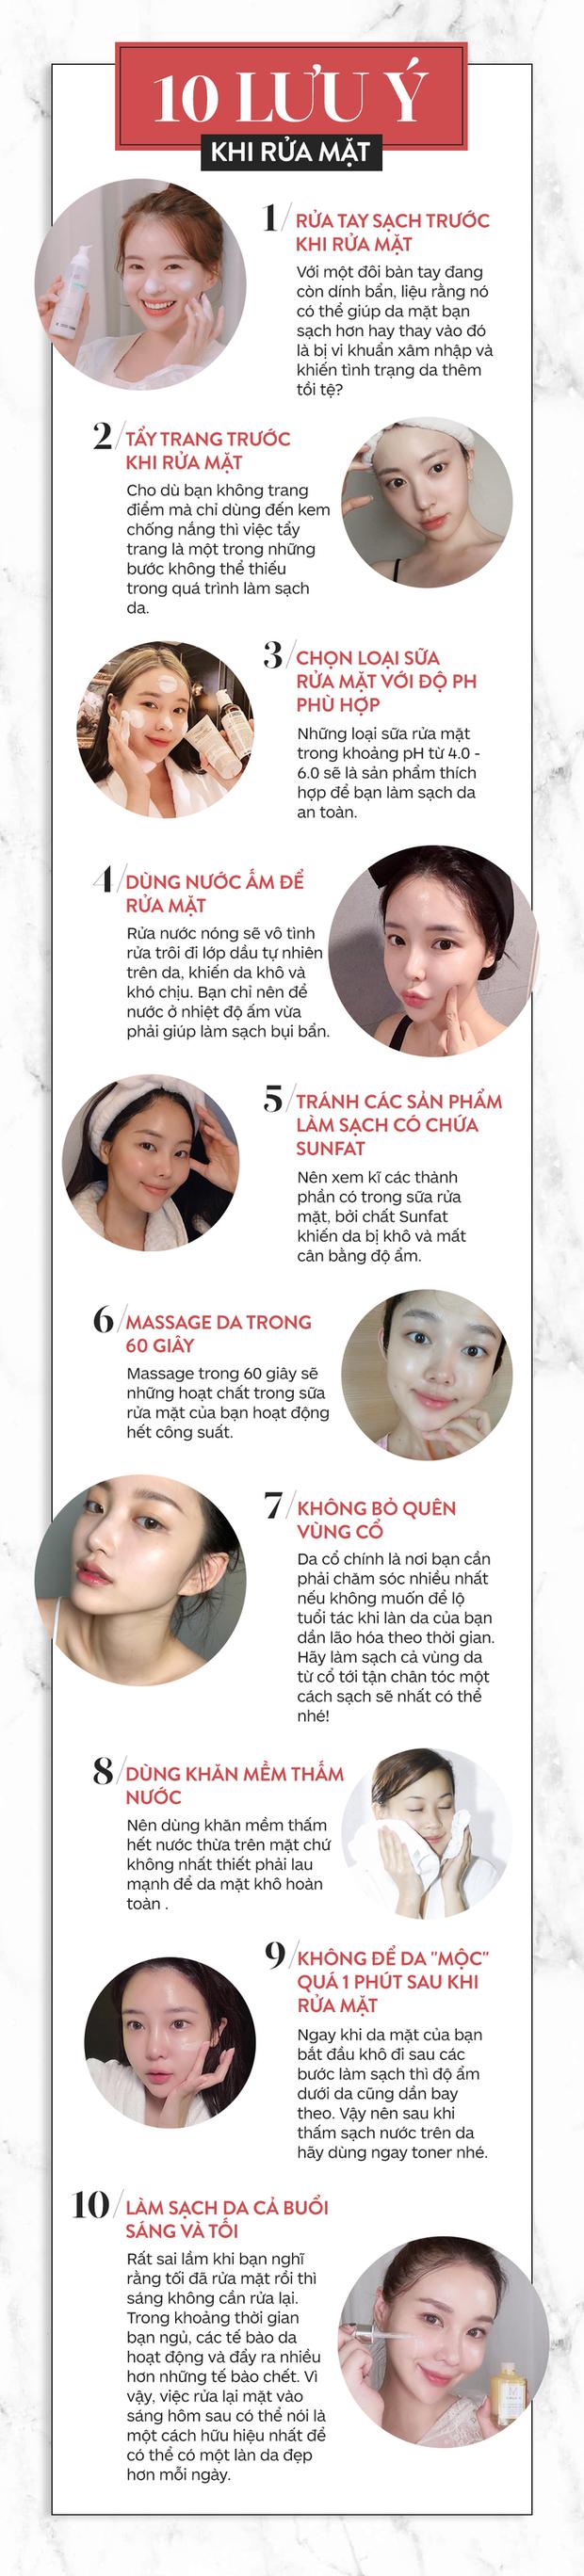 Chăm sóc da mùa hanh khô: 10 lưu ý khi rửa mặt để da luôn bóng khỏe và không bong tróc - Ảnh 1.